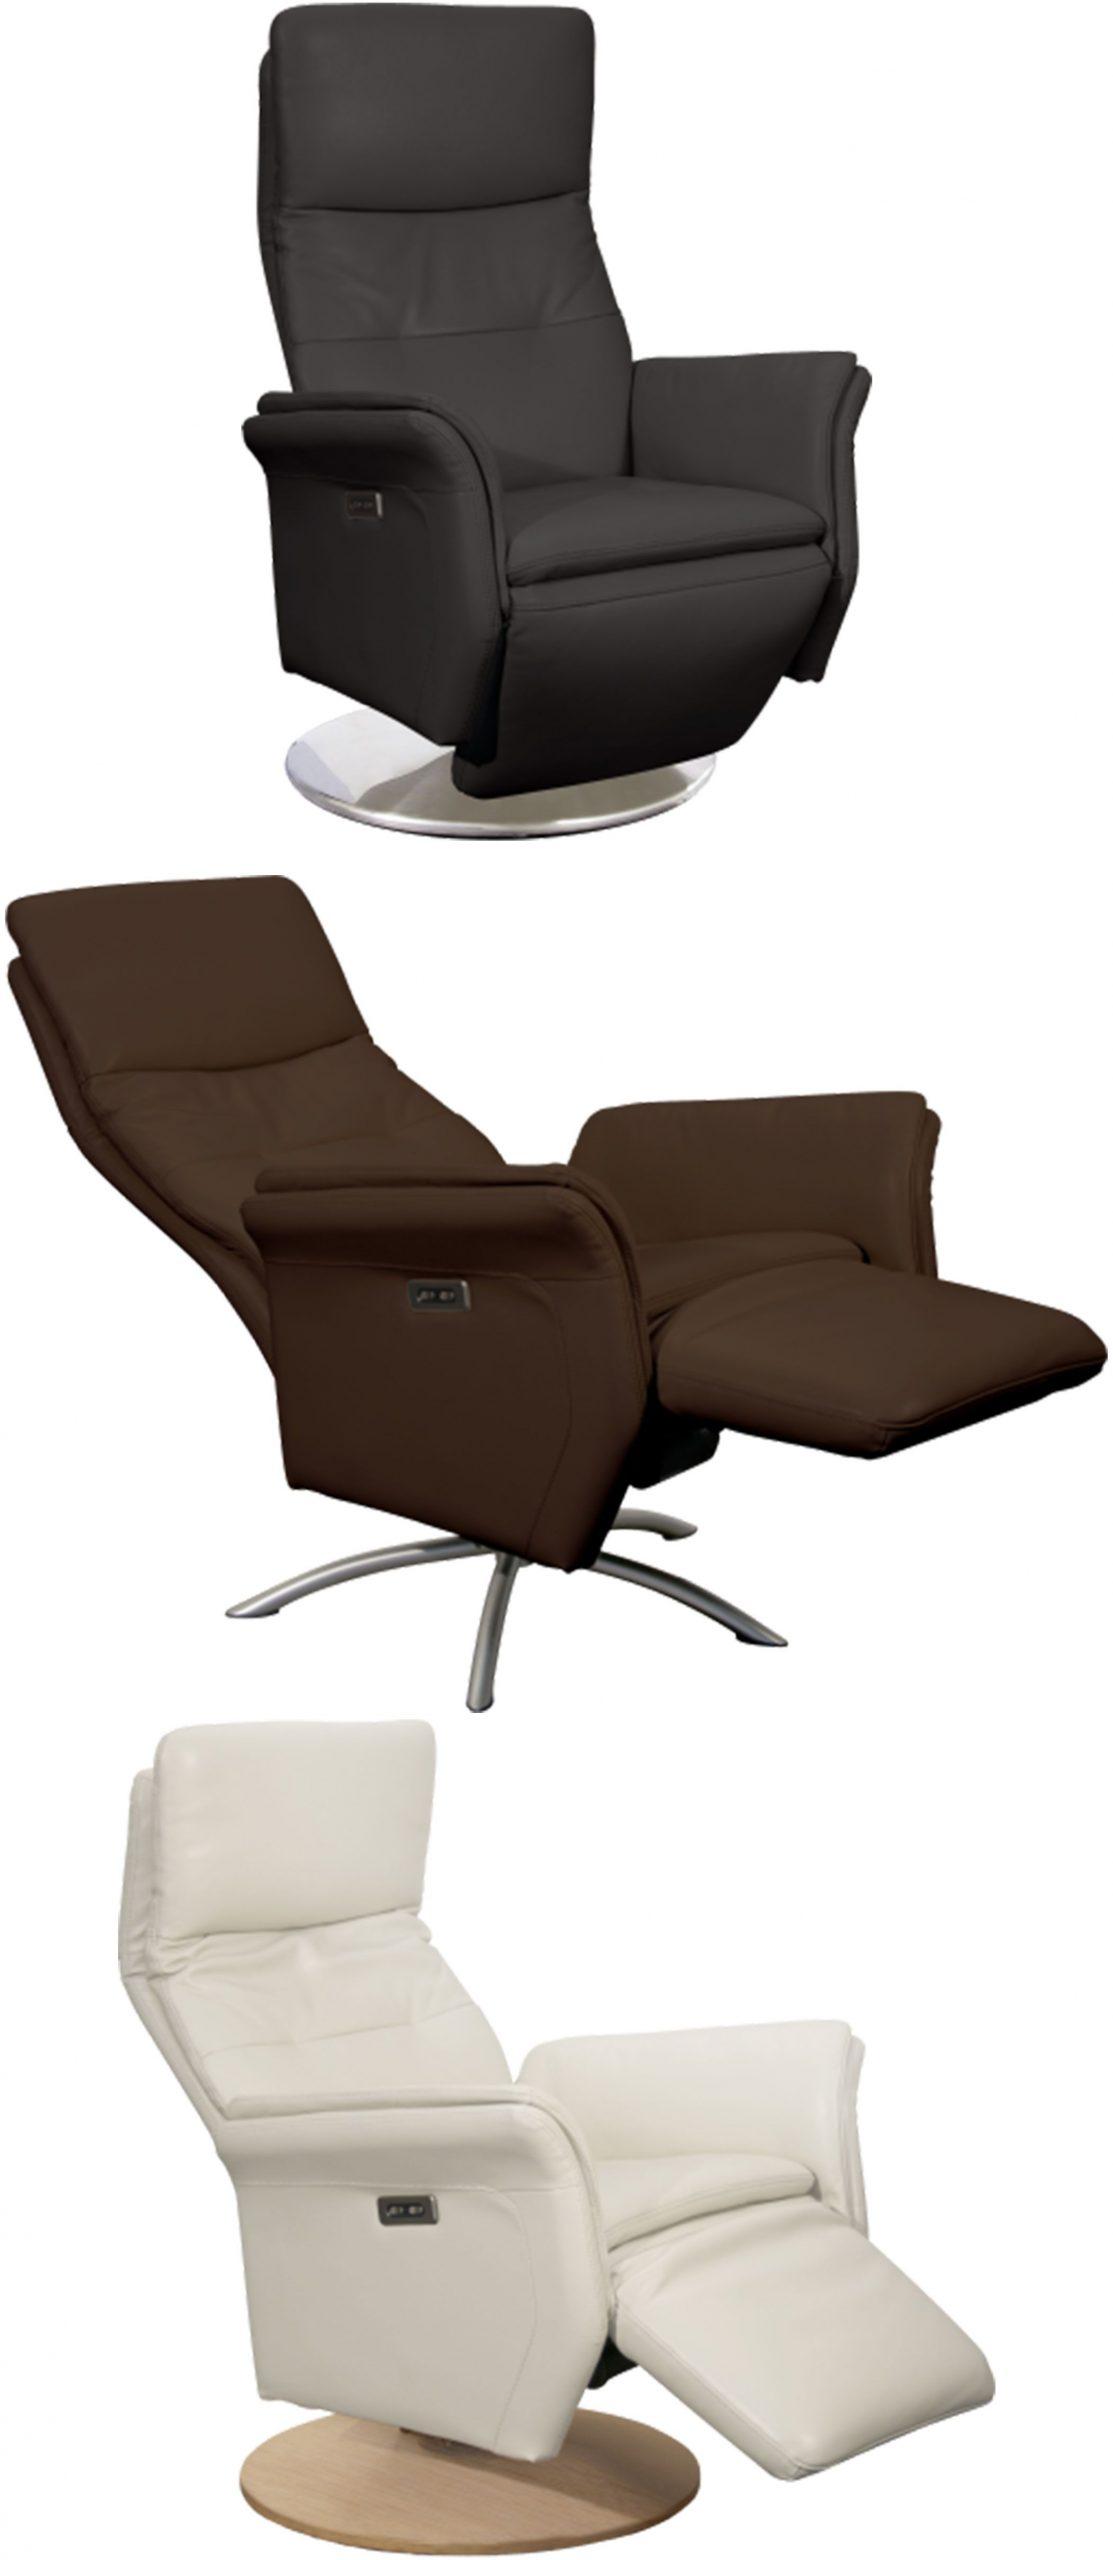 Allure Fauteuil Relax Pivotant 2 Moteurs En Cuir Véritable ... intérieur Fauteuil Relax Électrique Ikea